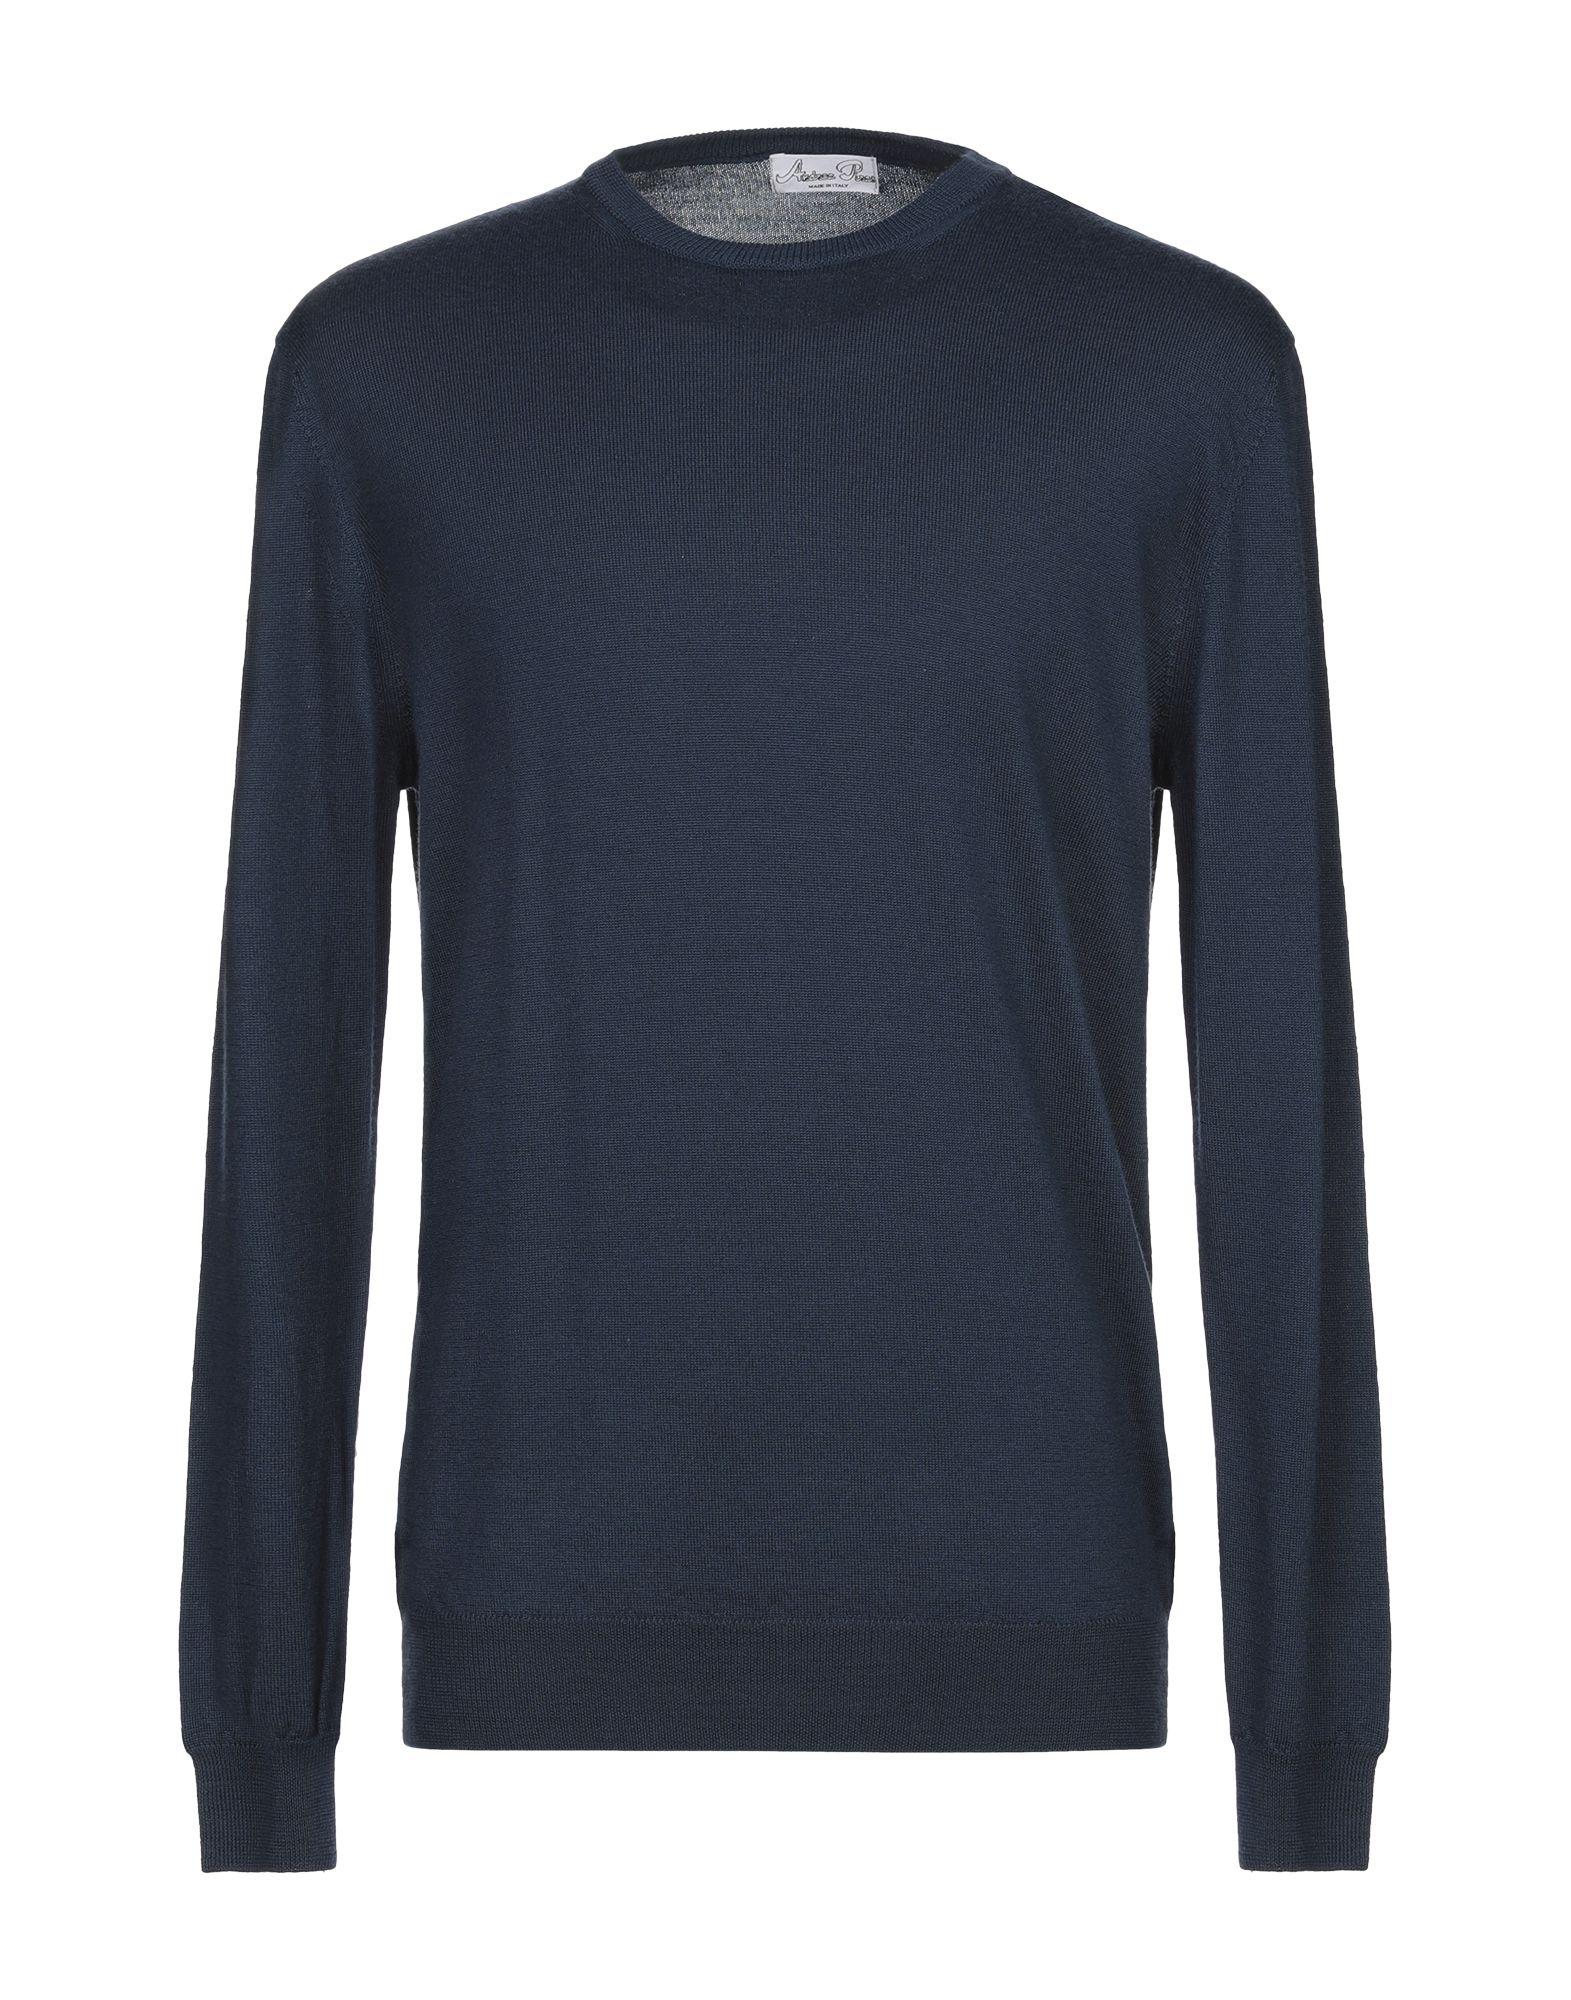 《期間限定セール中》ANDREA PIRAS メンズ プルオーバー ブルー XL ウール 60% / アクリル 40%